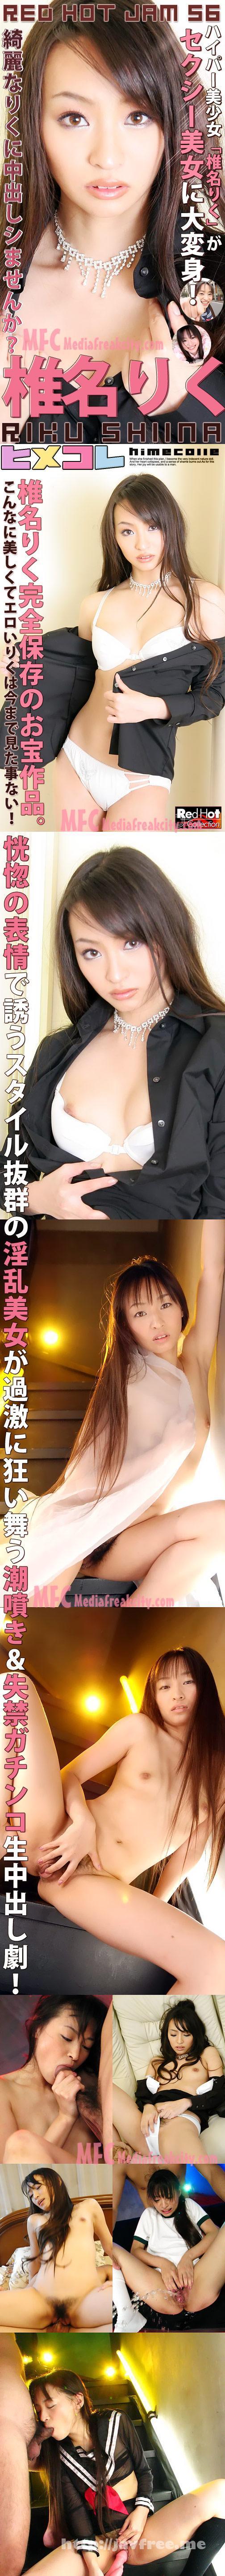 [RHJ-056] レッドホットジャム Vol.56  ヒメコレ : 椎名りく - image RHJ-056_1 on https://javfree.me